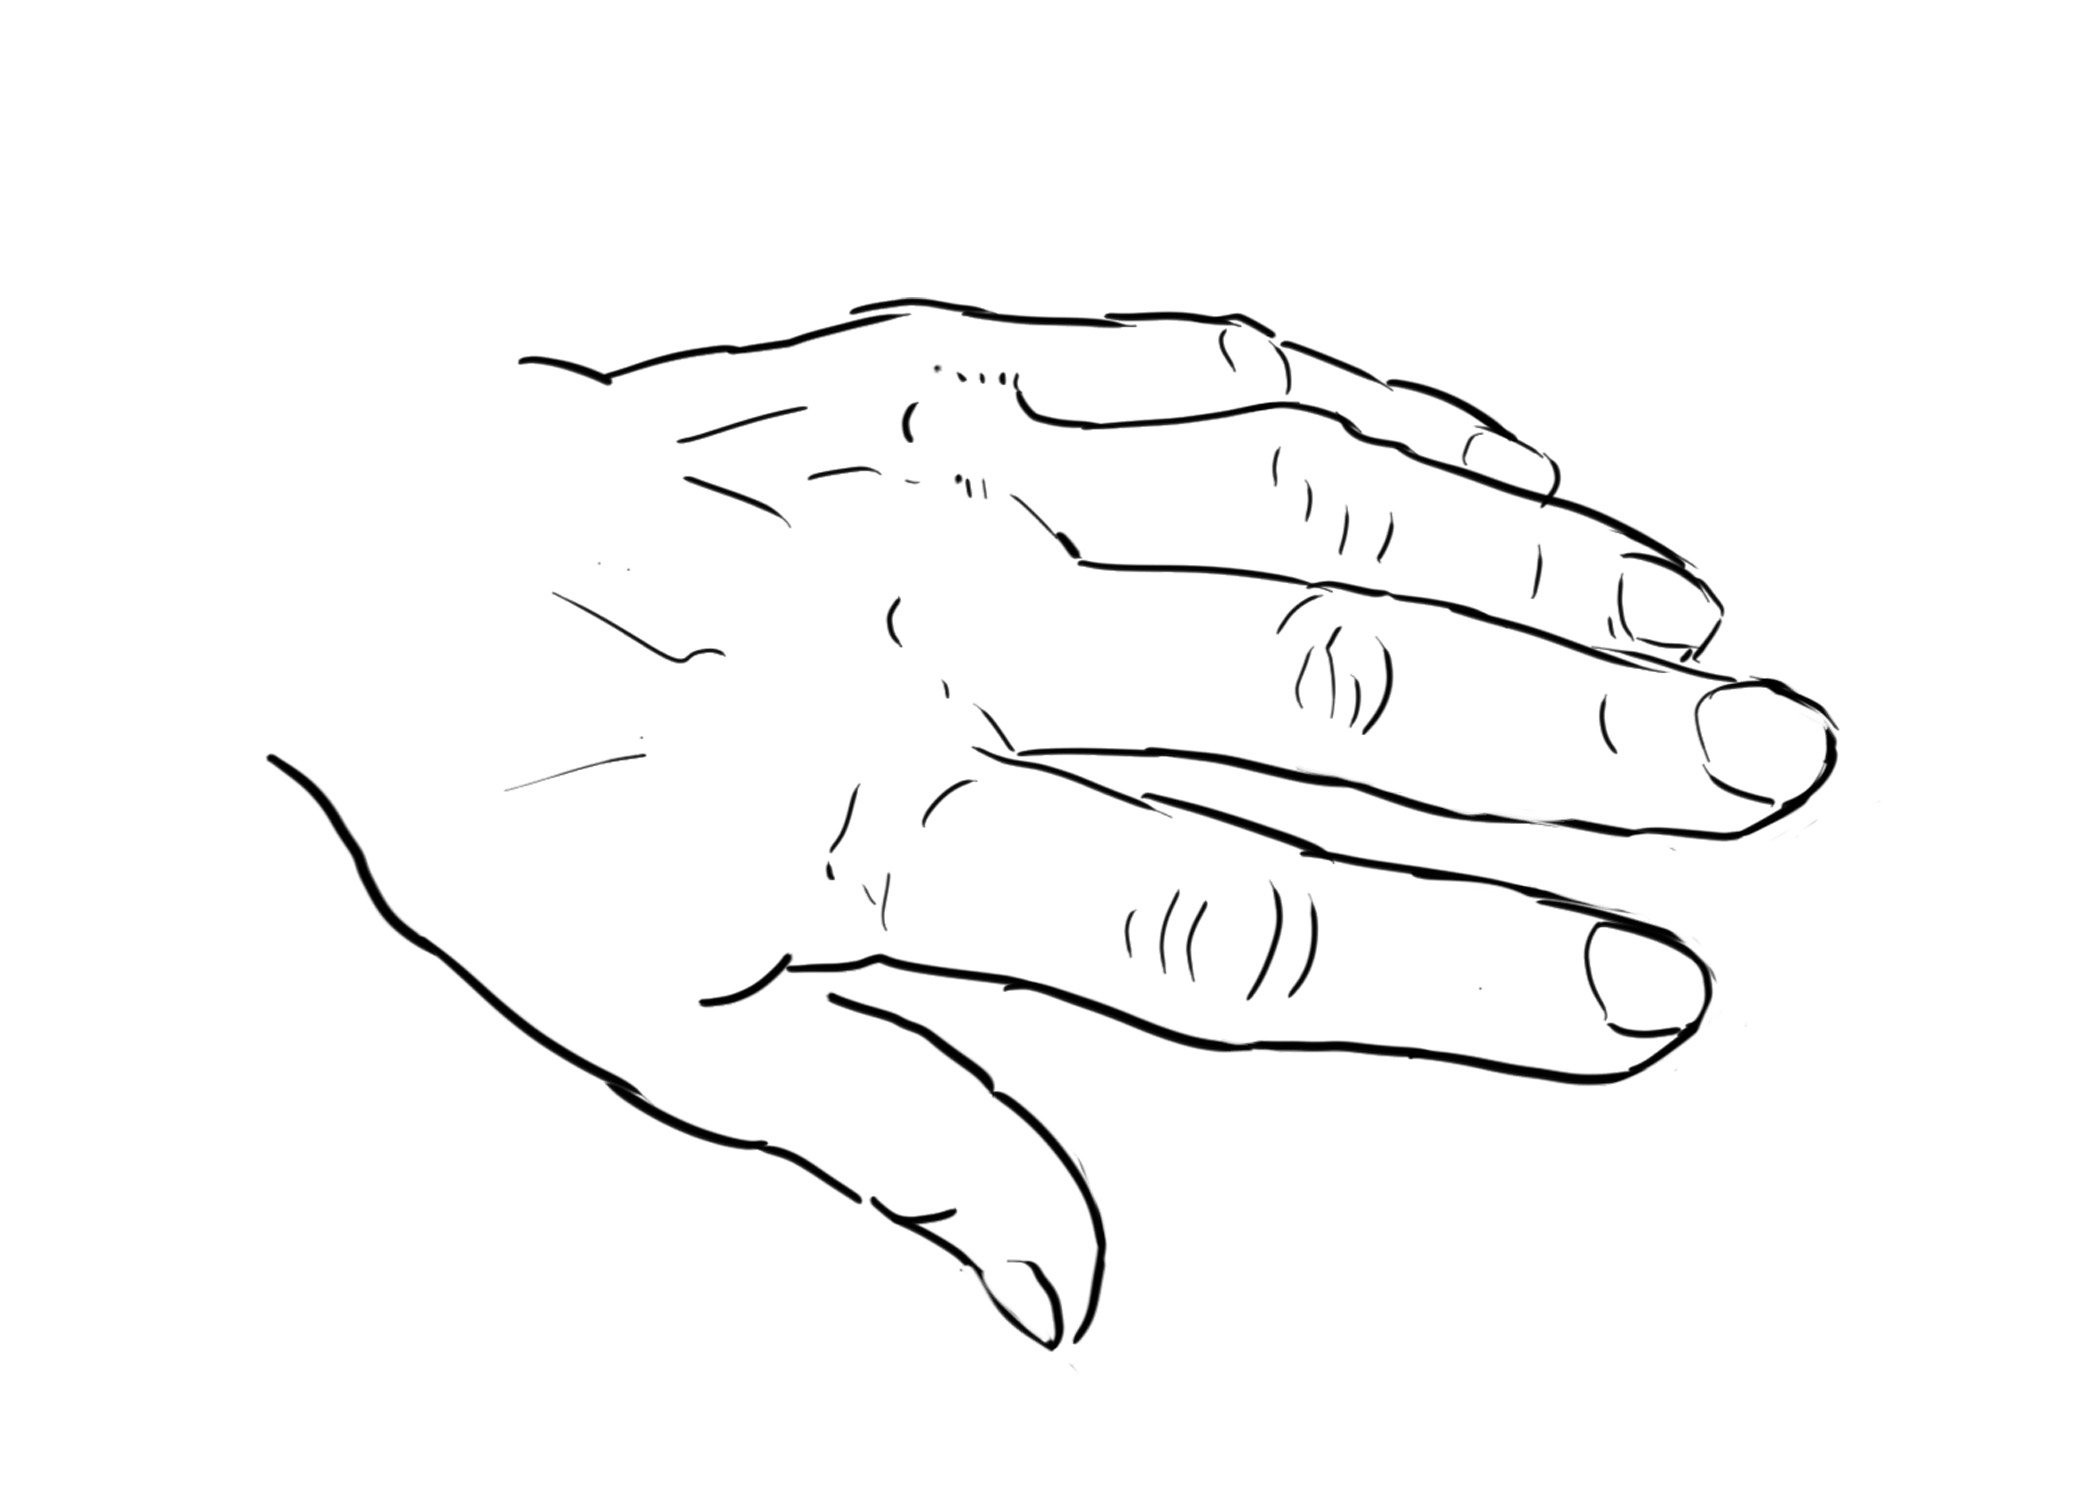 hands6.jpg